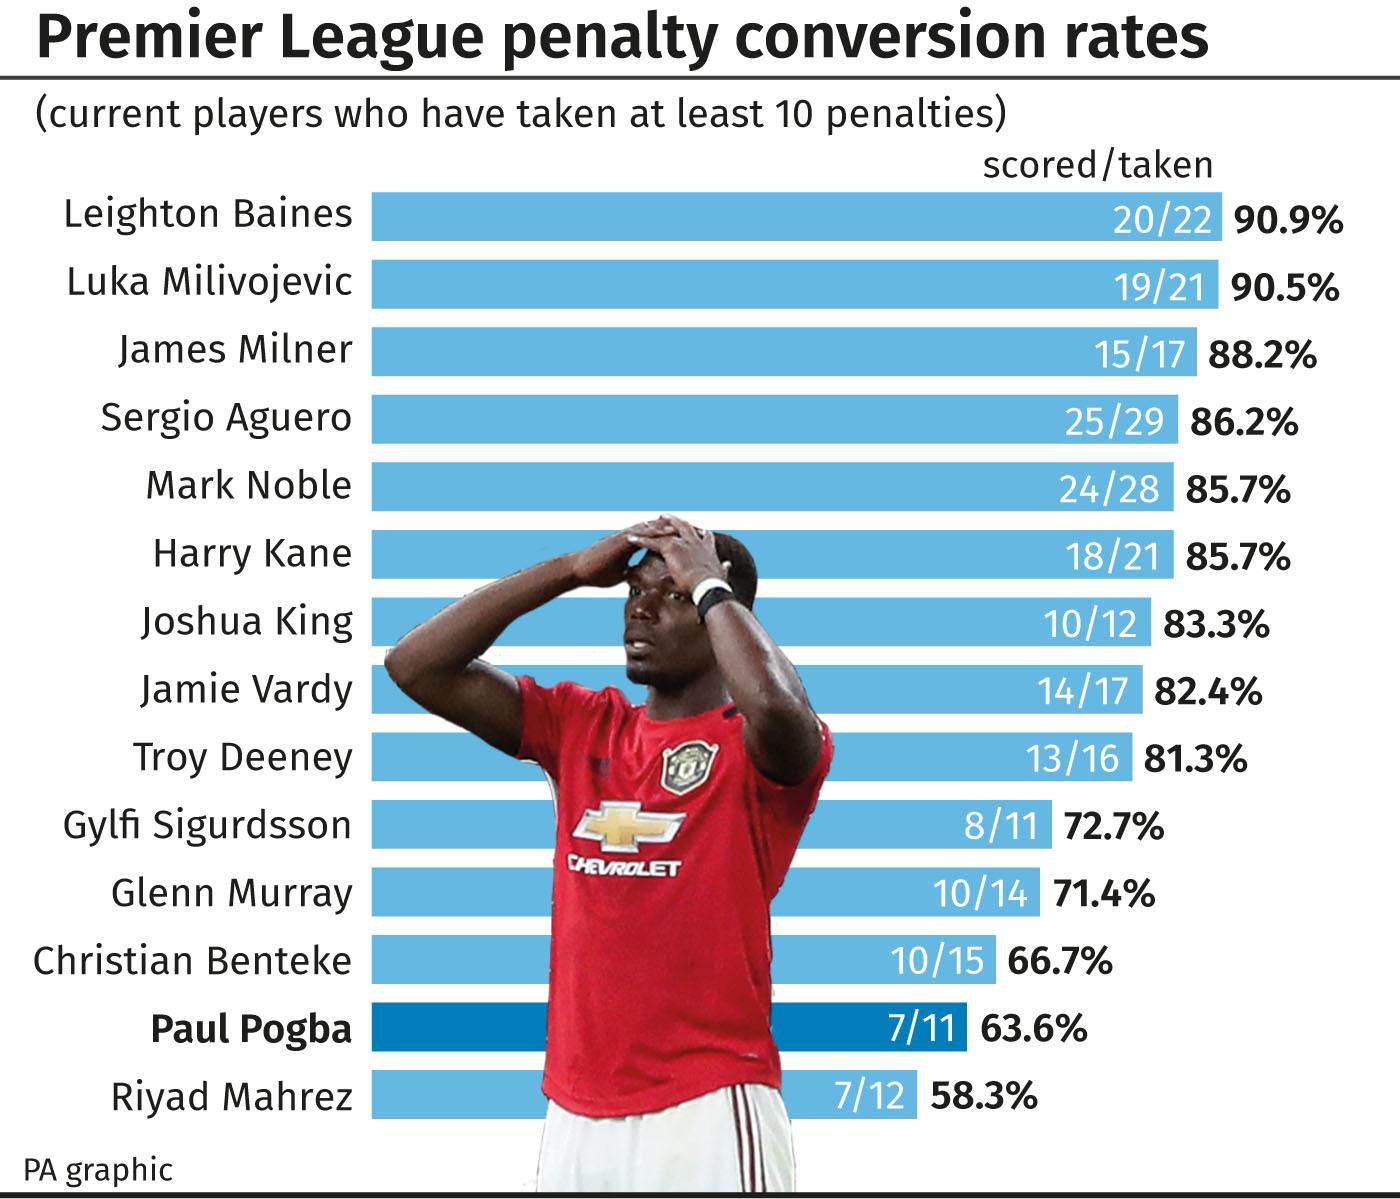 Premier League penalty conversion rates